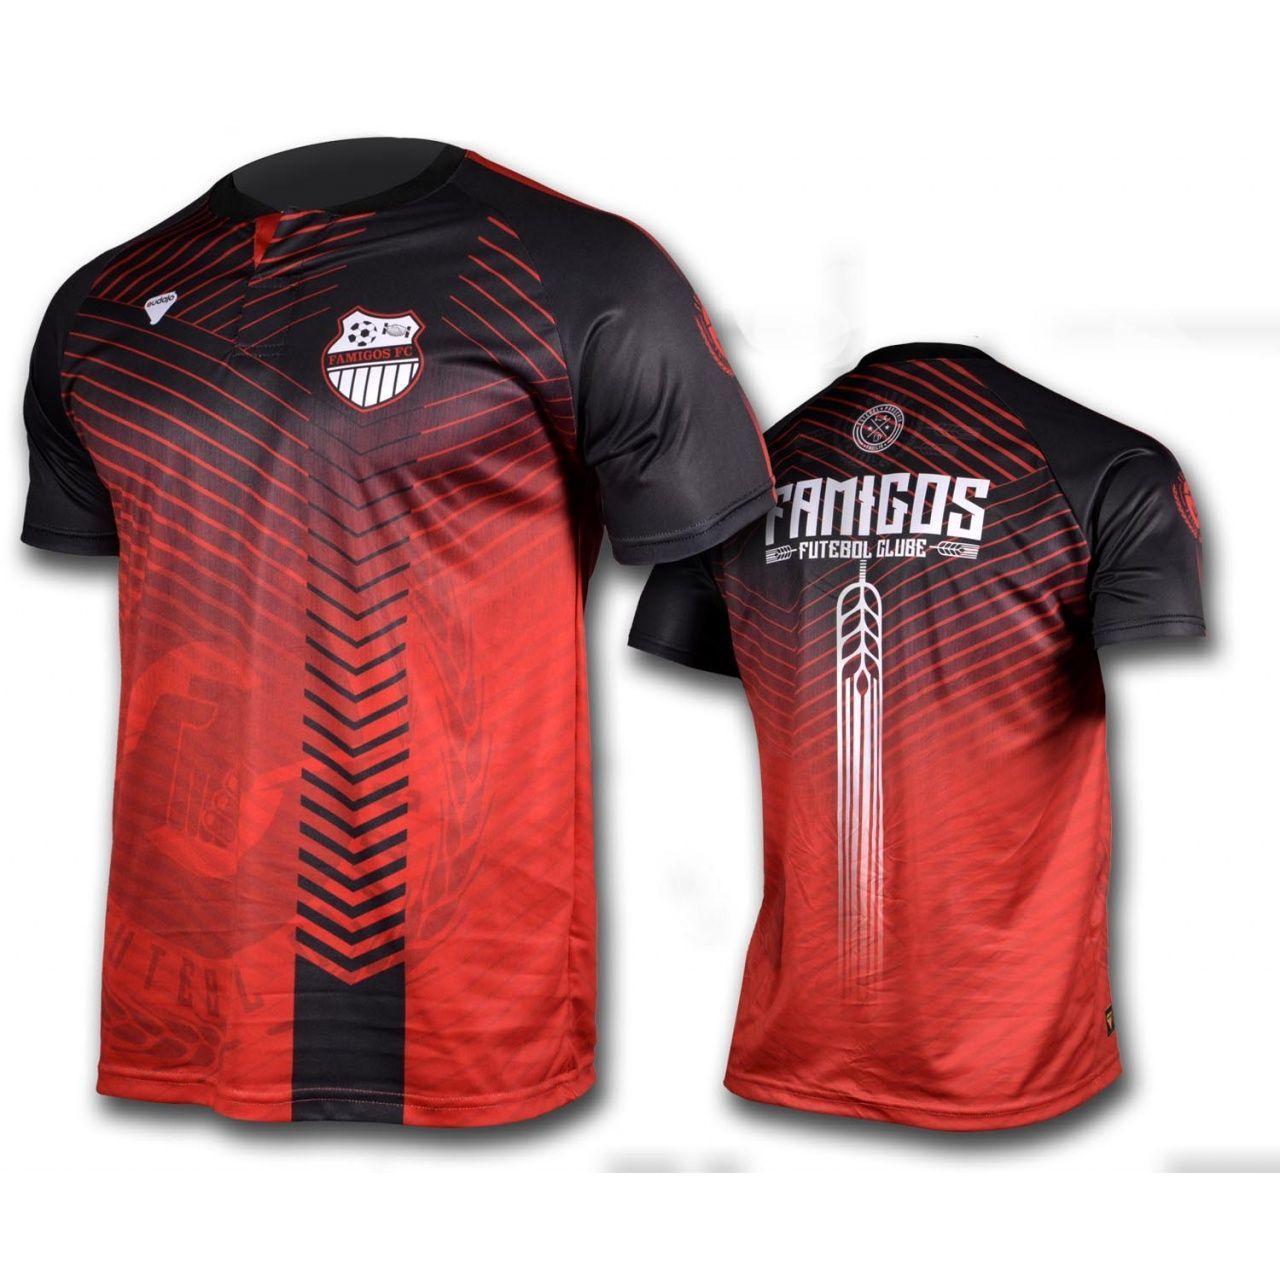 Resultado De Imagem Para Costura Camisa Esportiva Dry Fit Sport Shirt Design Sports Tshirt Designs Sports Jersey Design